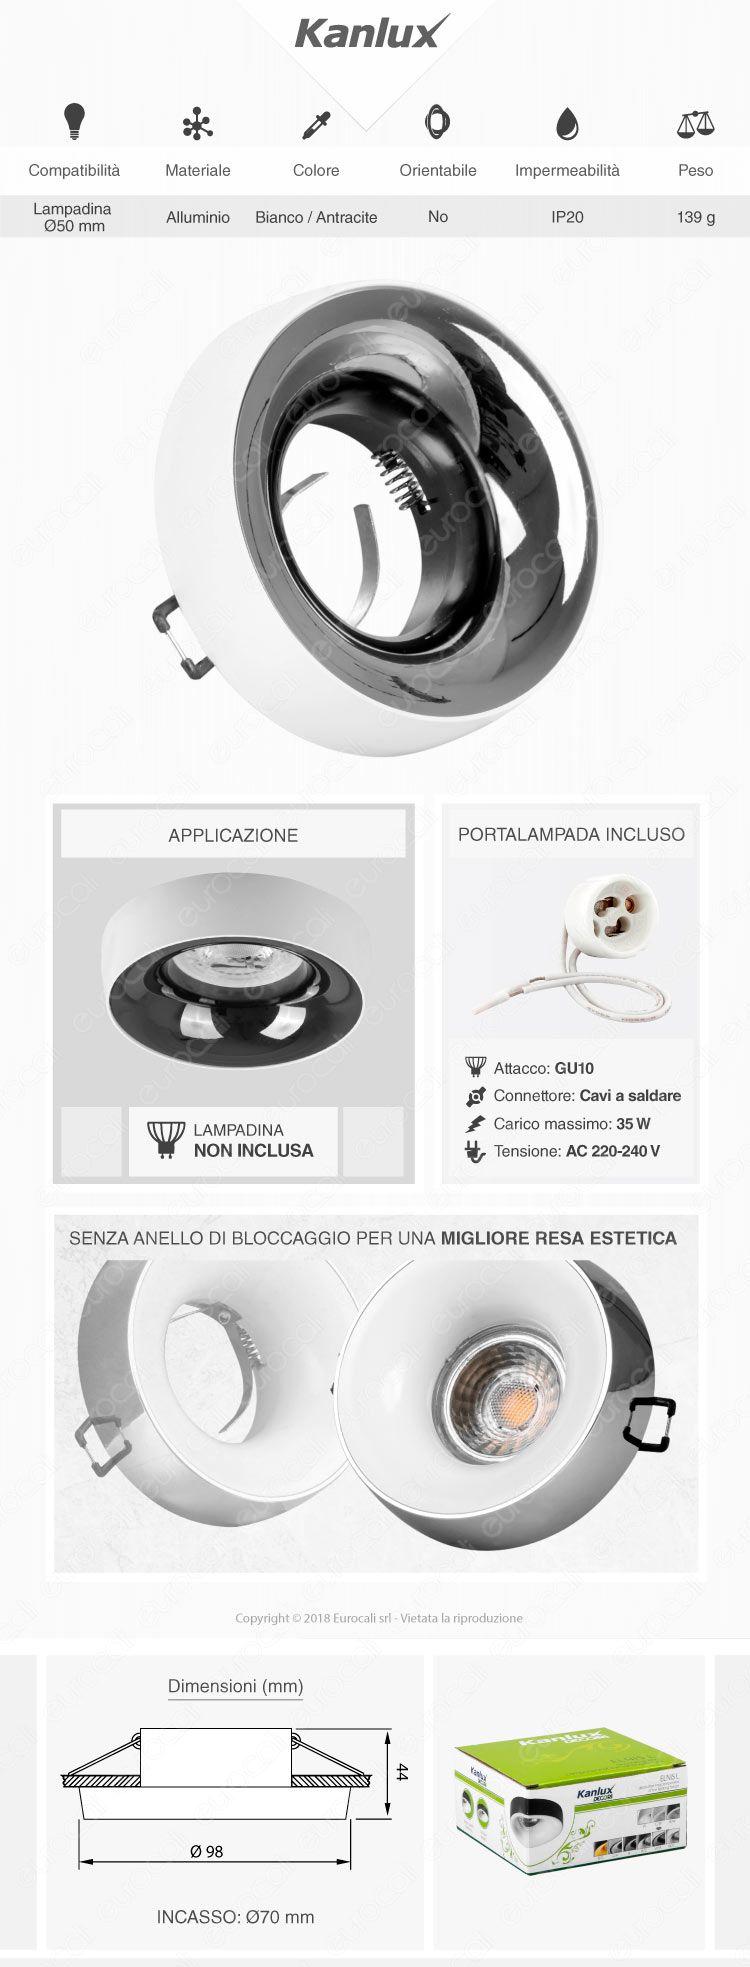 Kanlux ELNIS L Portafaretto Rotondo da Incasso Colore Bianco e Antracite per Lampadine GU10 e GU5.3